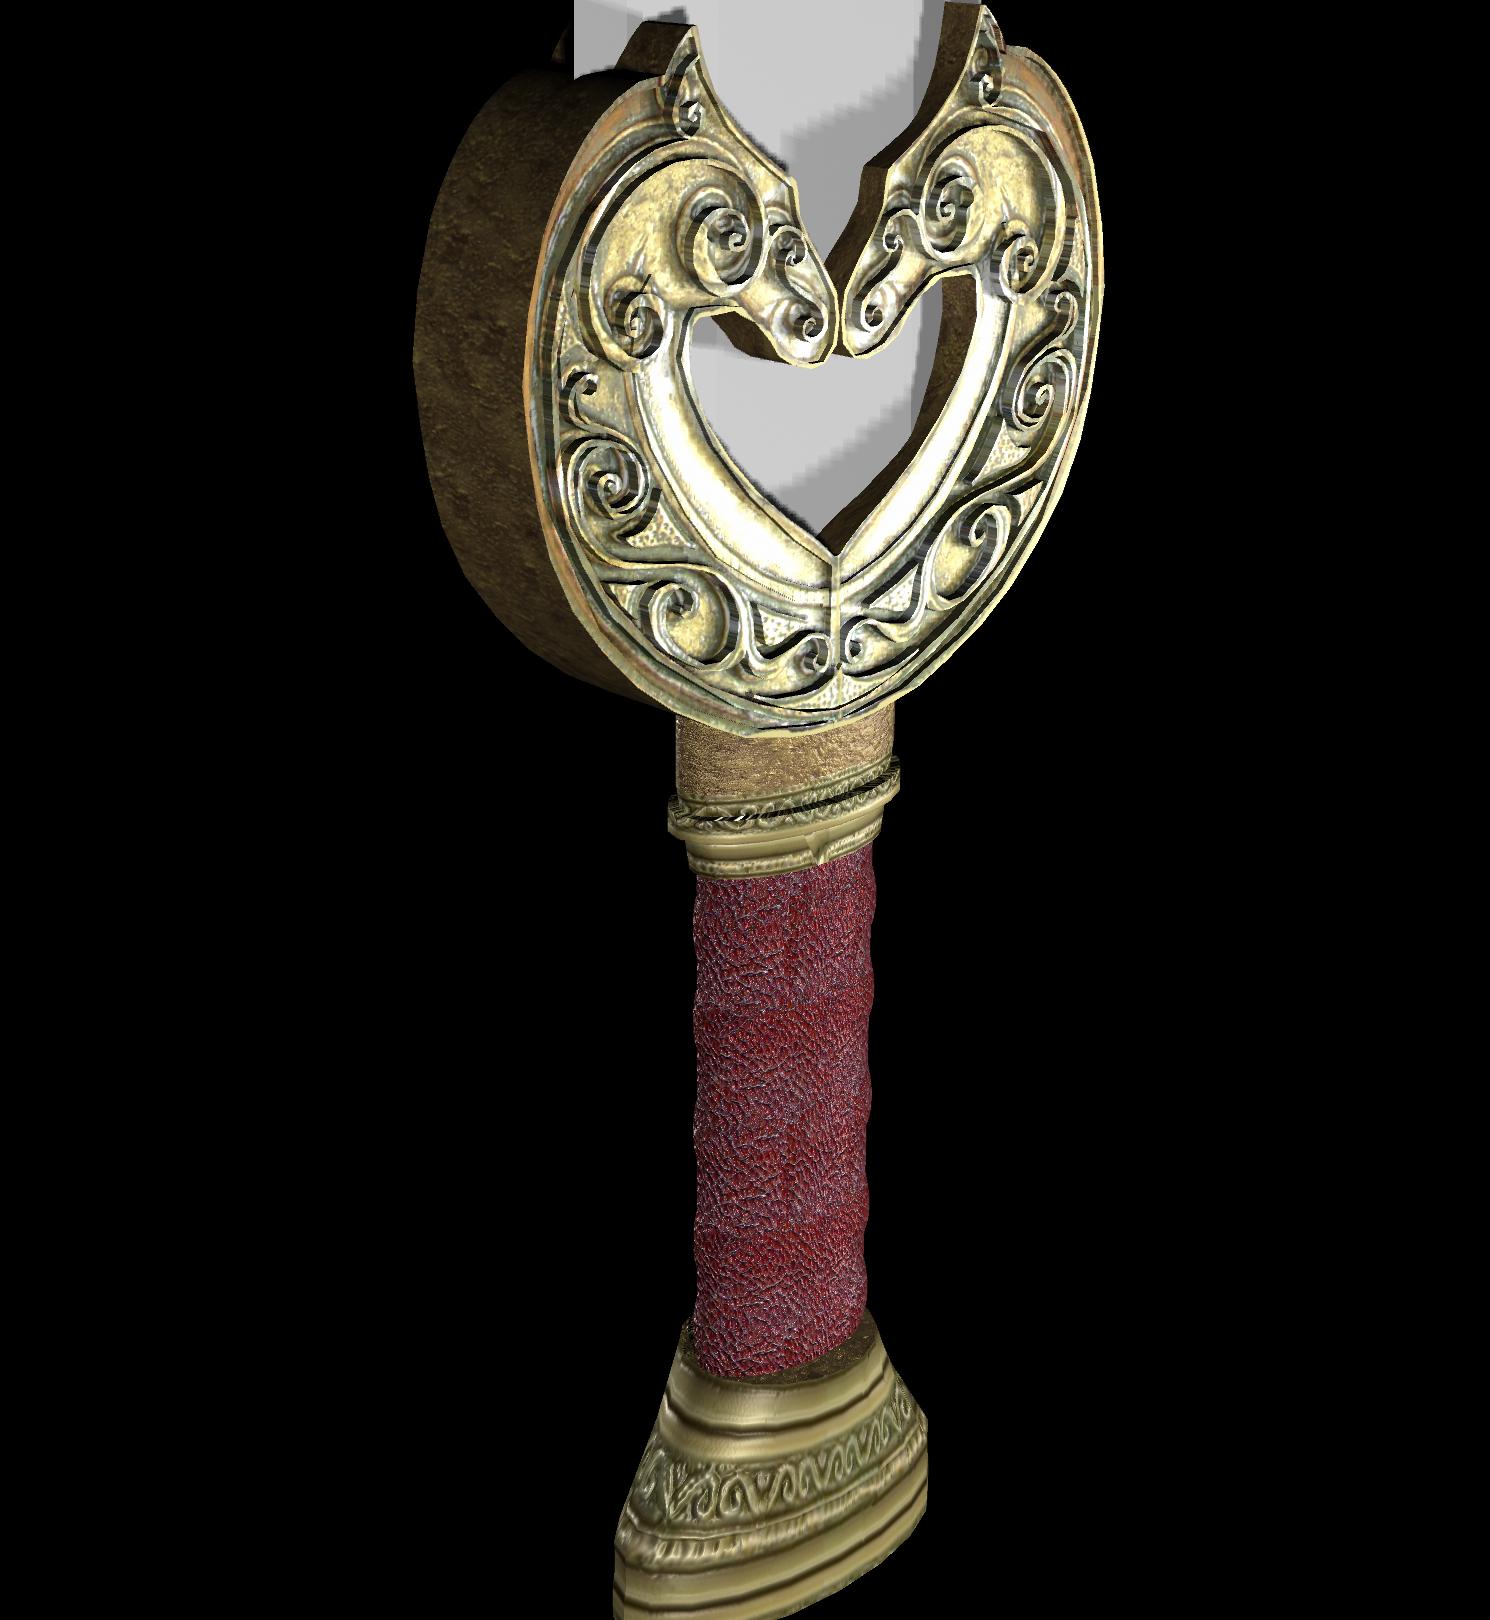 Theoden's Sword